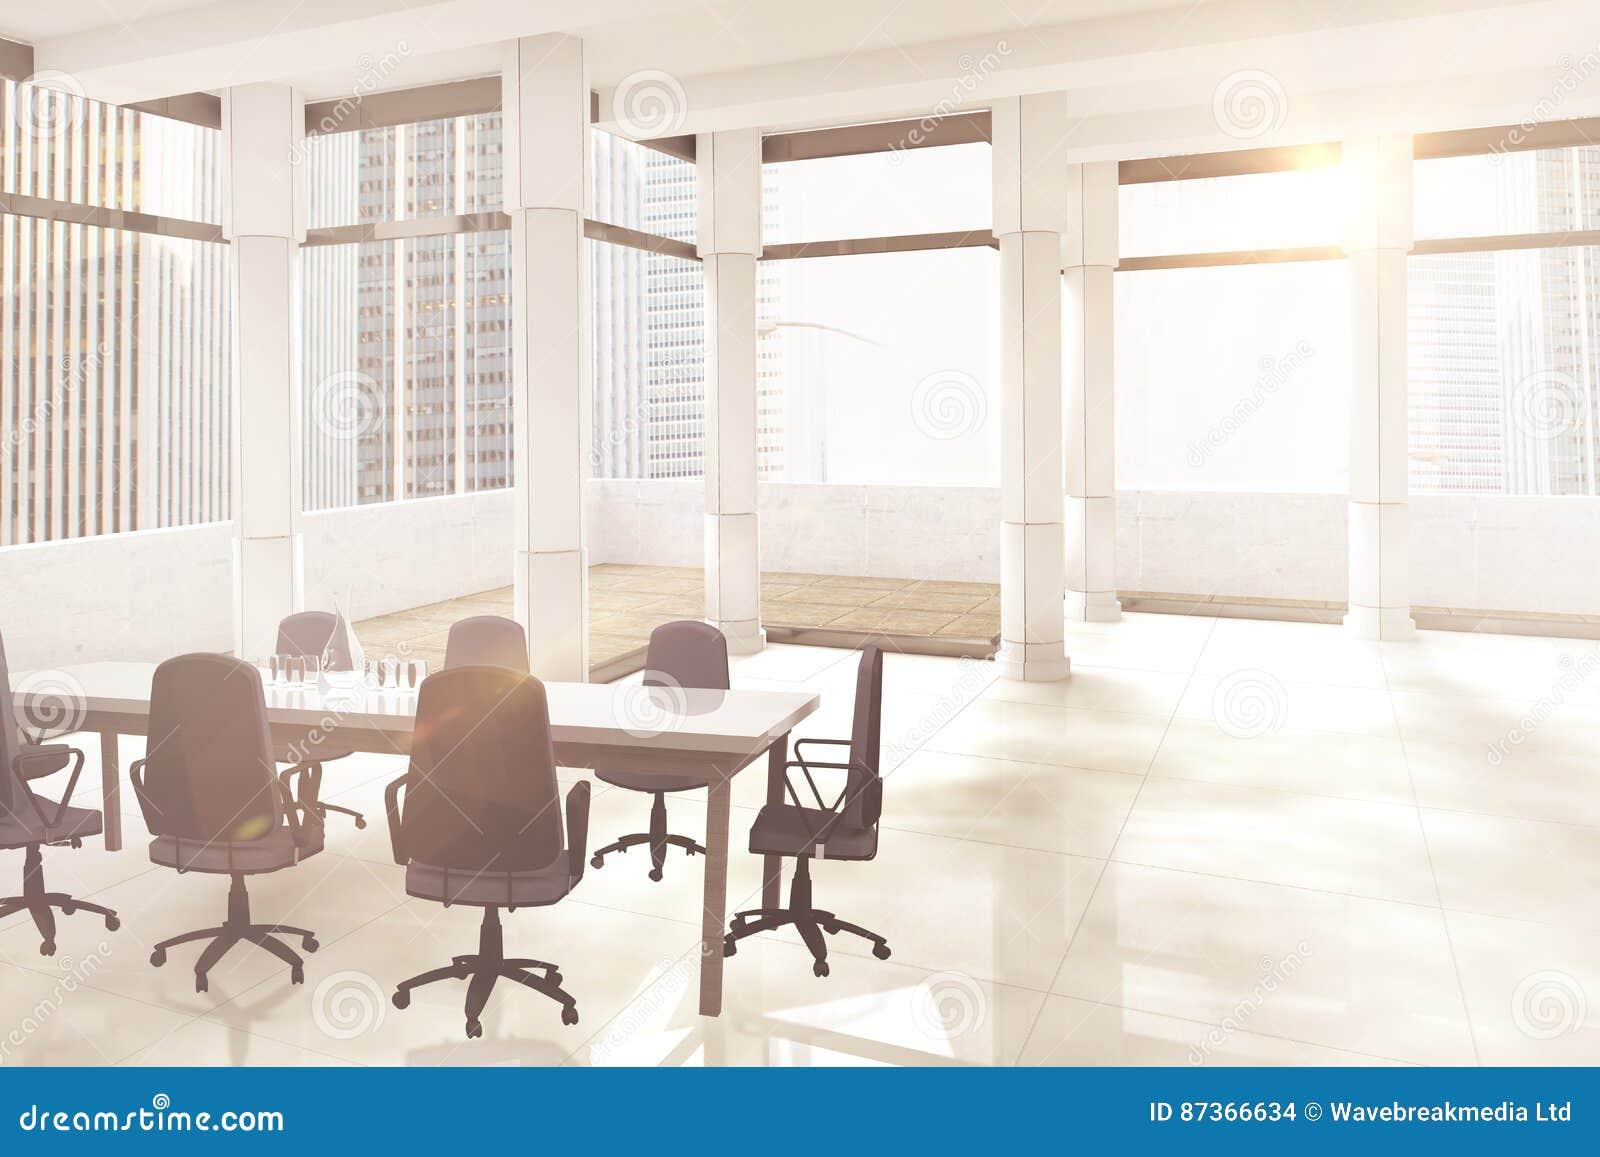 空的办公室椅子和桌的综合图象